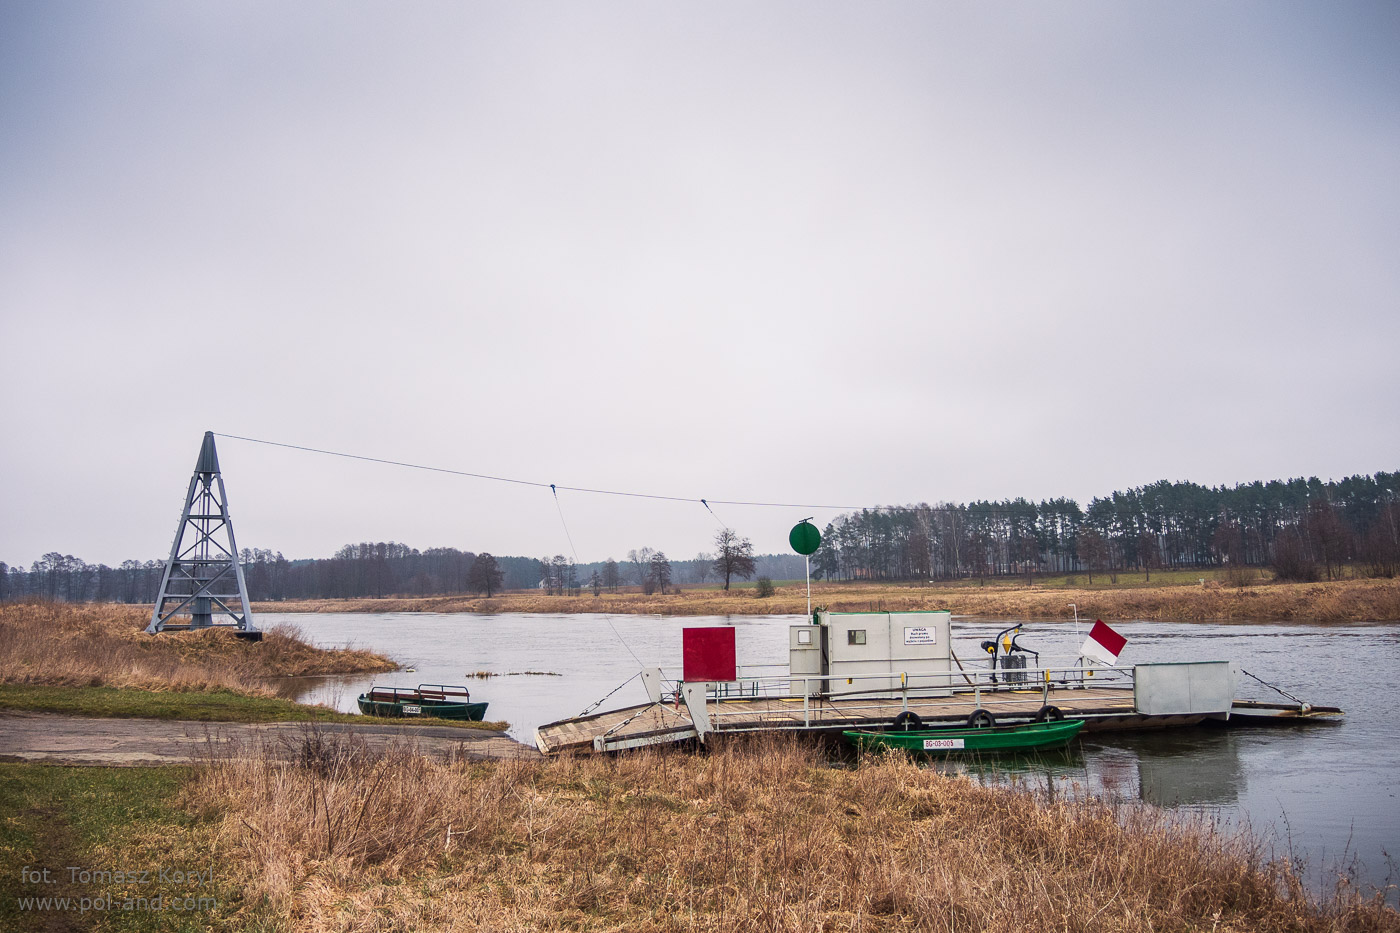 Przewóz międzybrzegowy Prom rzeczny na Warcie- Karolewo - Chojno Wieś